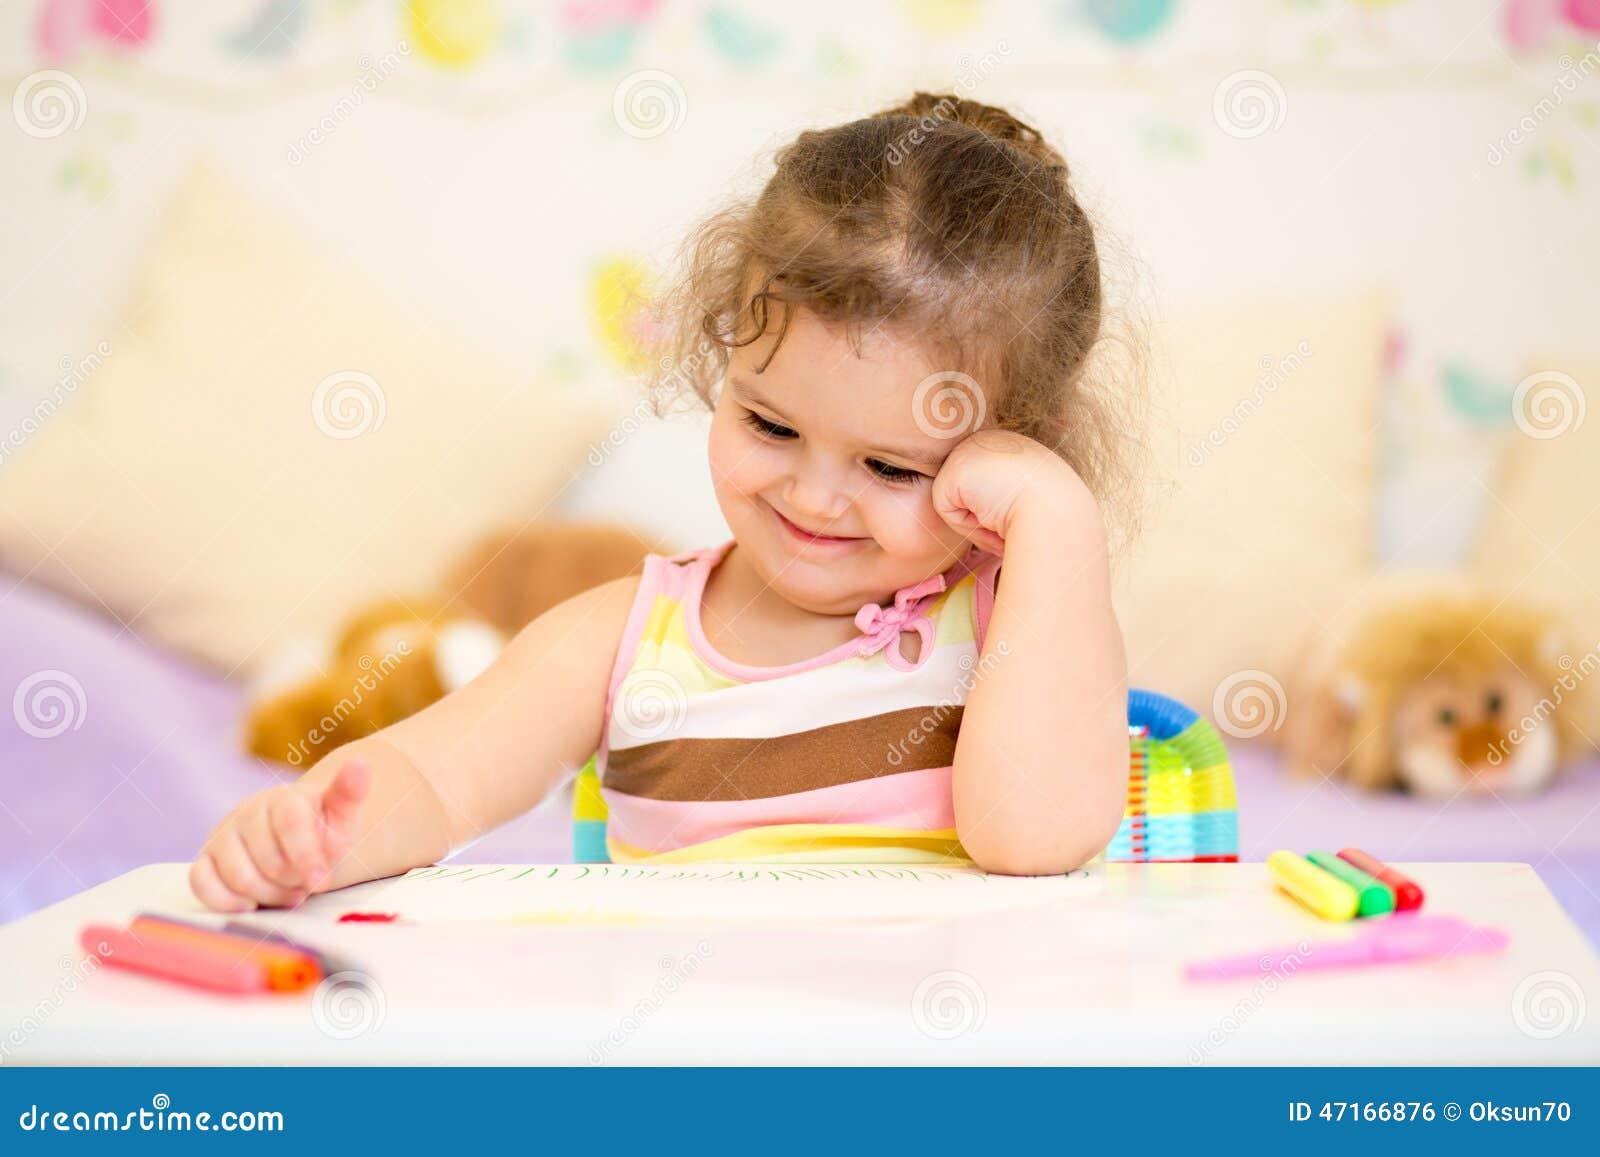 dessin de fille d 39 enfant dans la cr che photo stock. Black Bedroom Furniture Sets. Home Design Ideas